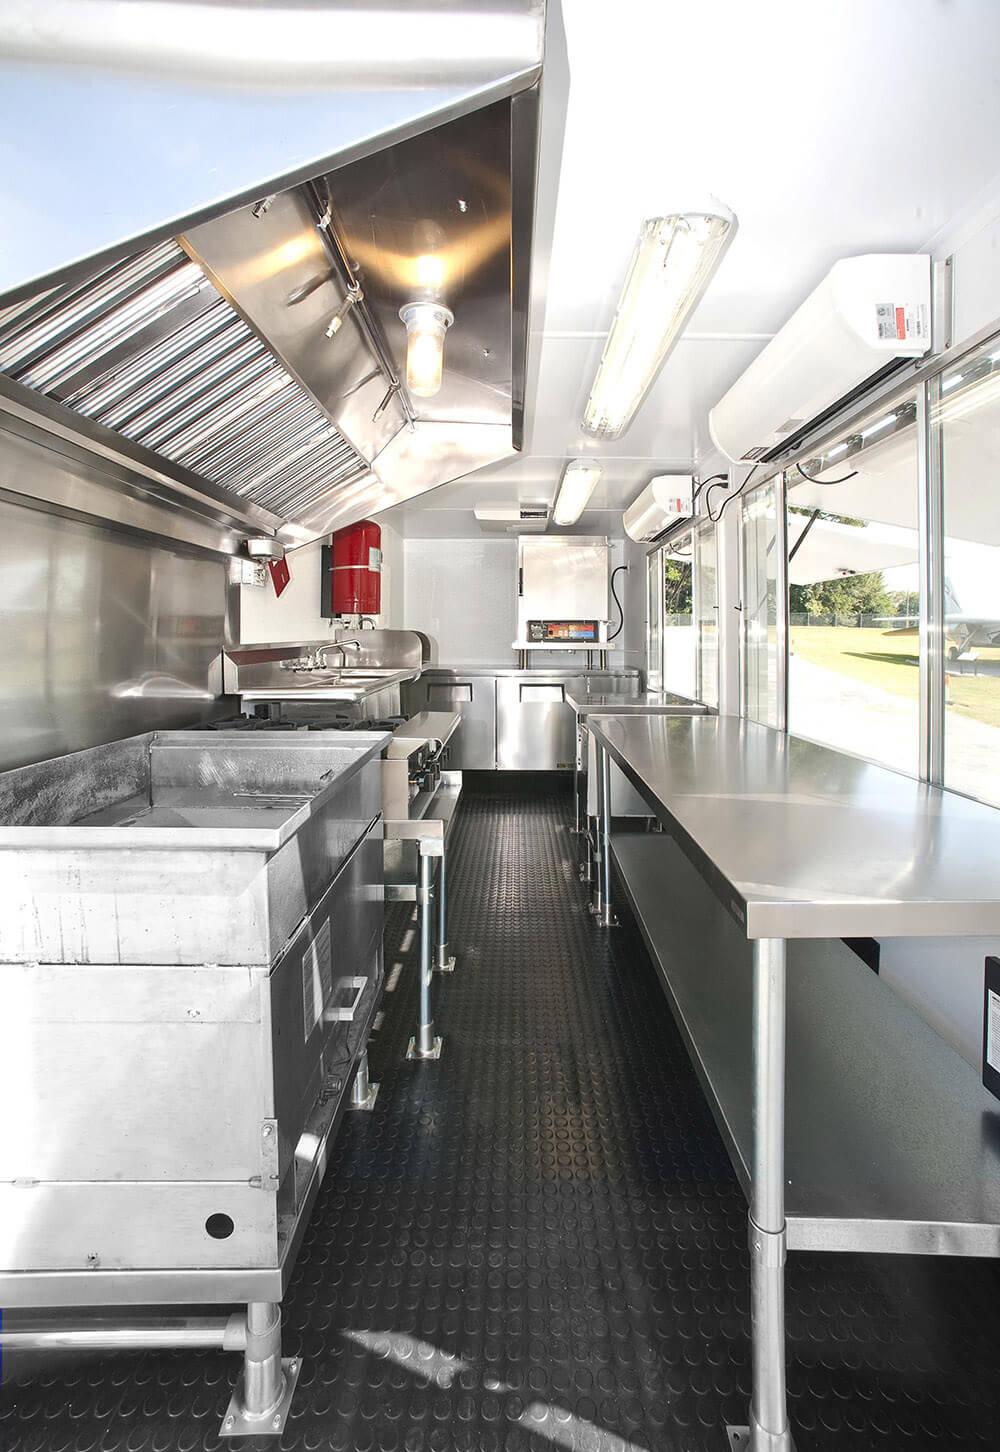 Penser l'aménagement de votre food truck pour gagner en confort et en efficacité